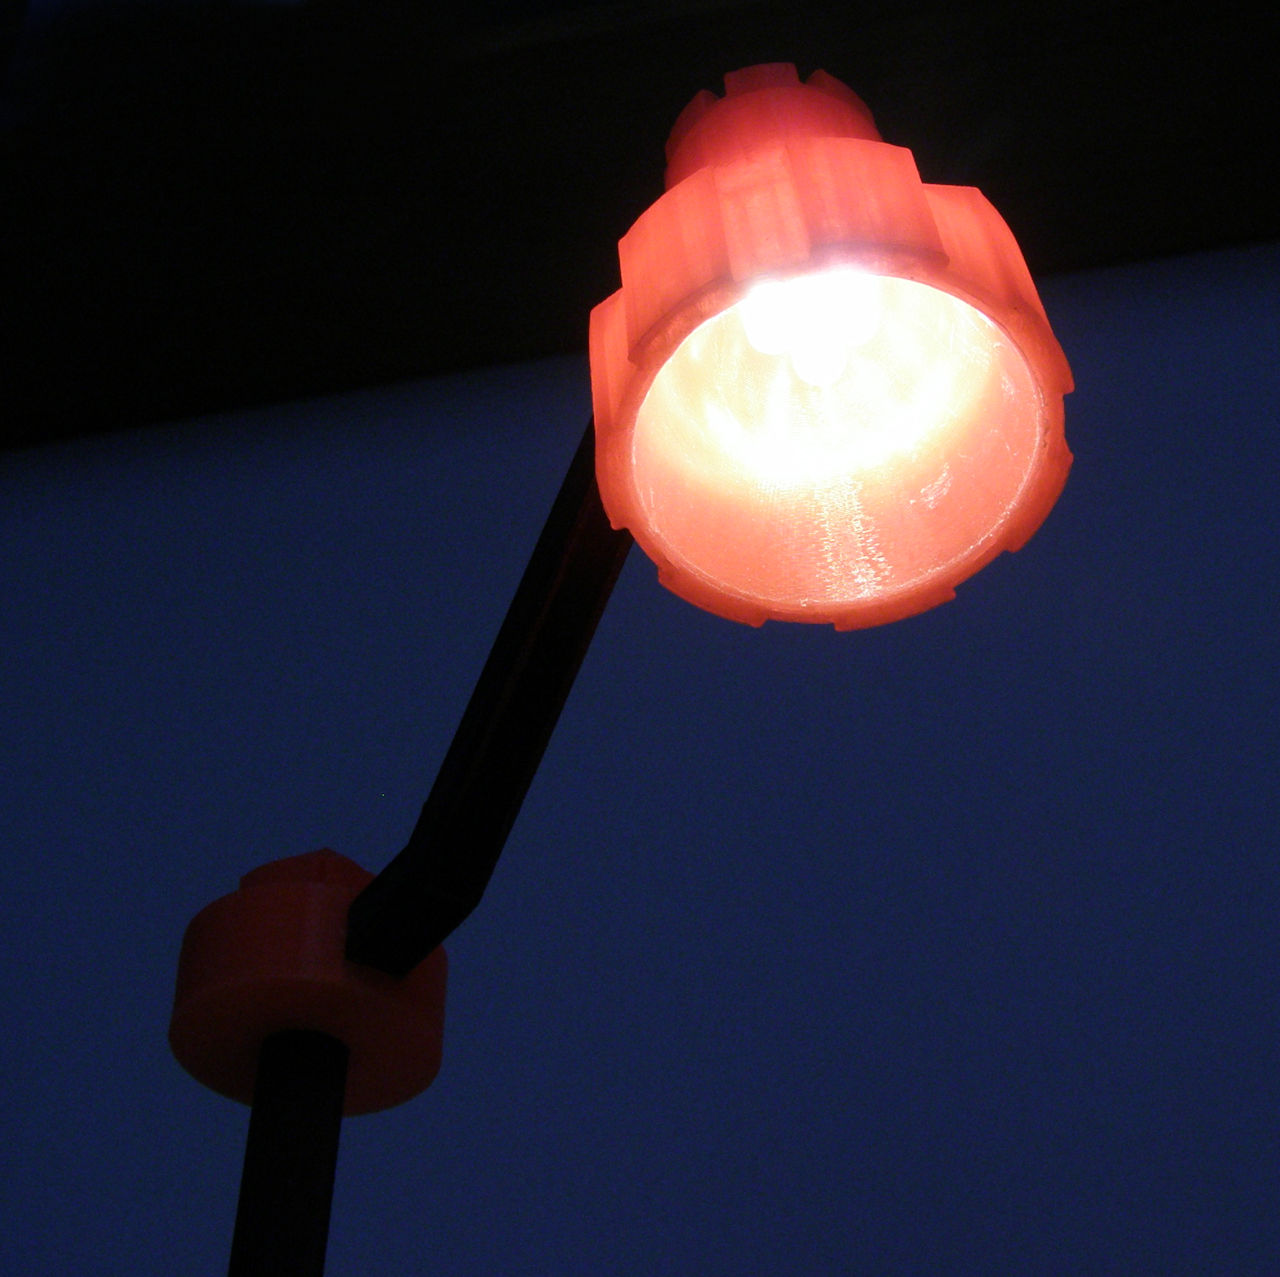 LEDLAMP image